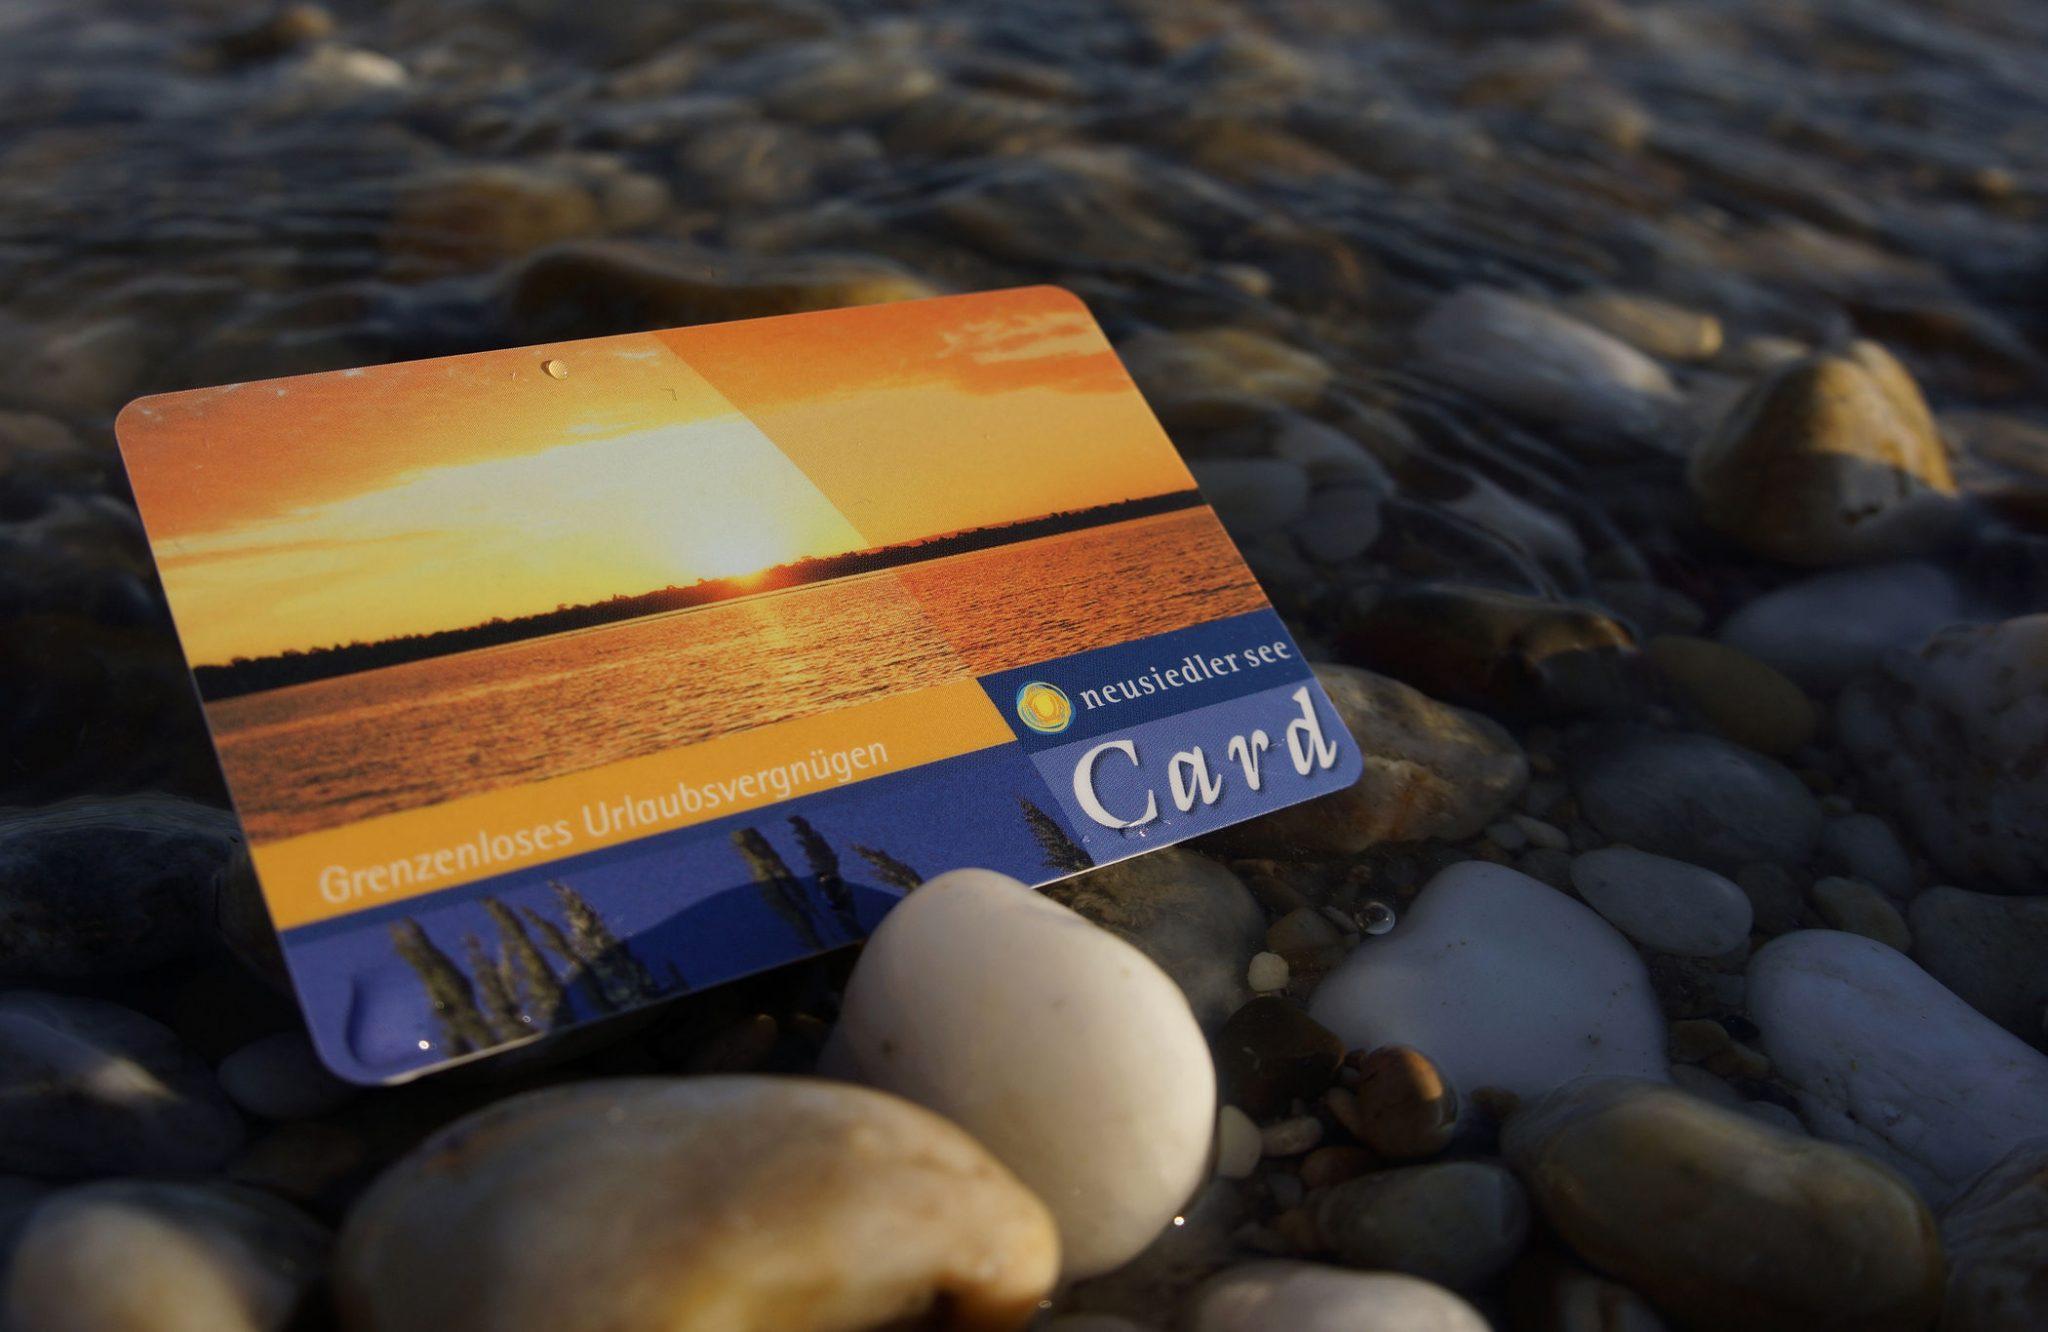 Jetzt ganzjährig von Vorteil: Neusiedler See Card